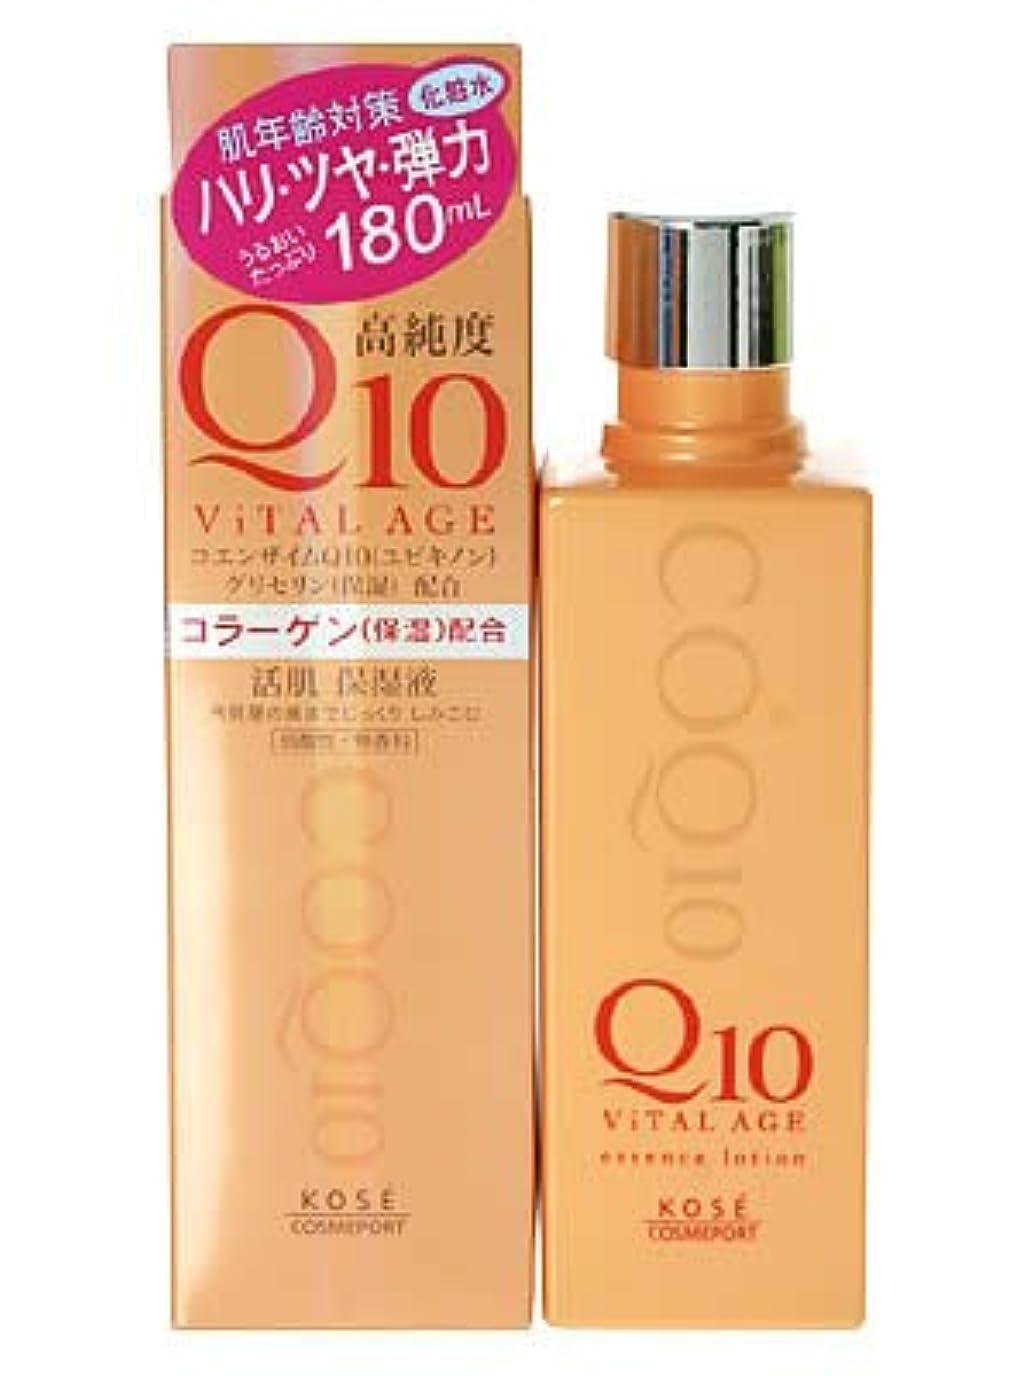 代わりに経由でアウトドアKOSE コーセー バイタルエイジ Q10 化粧水 180ml